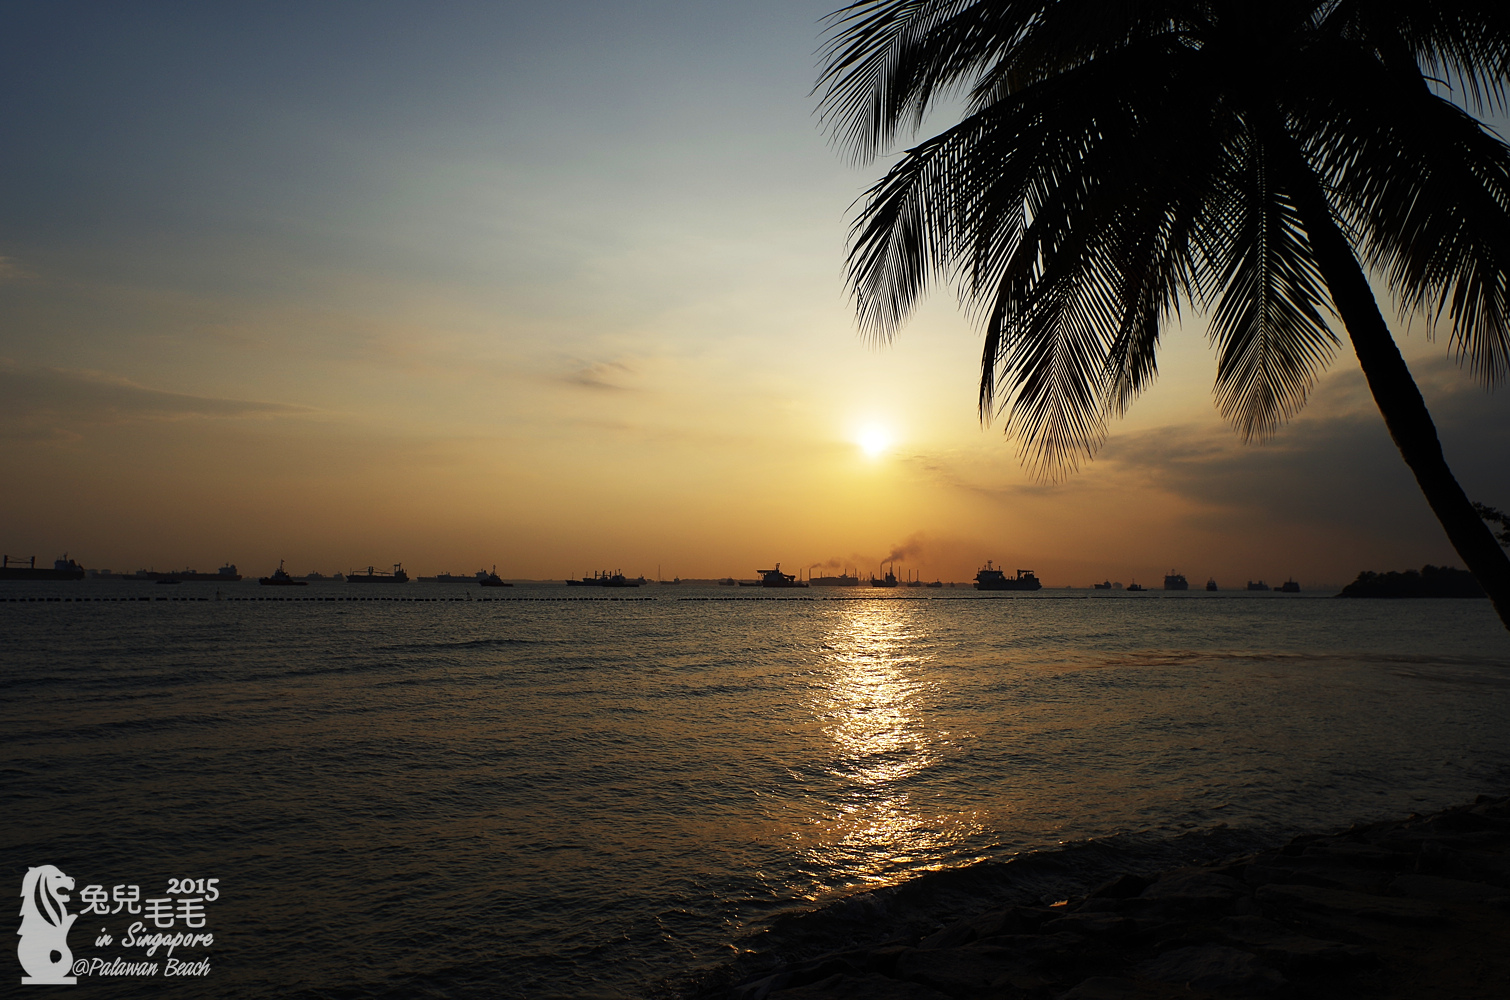 0215-palawan beach-18.jpg